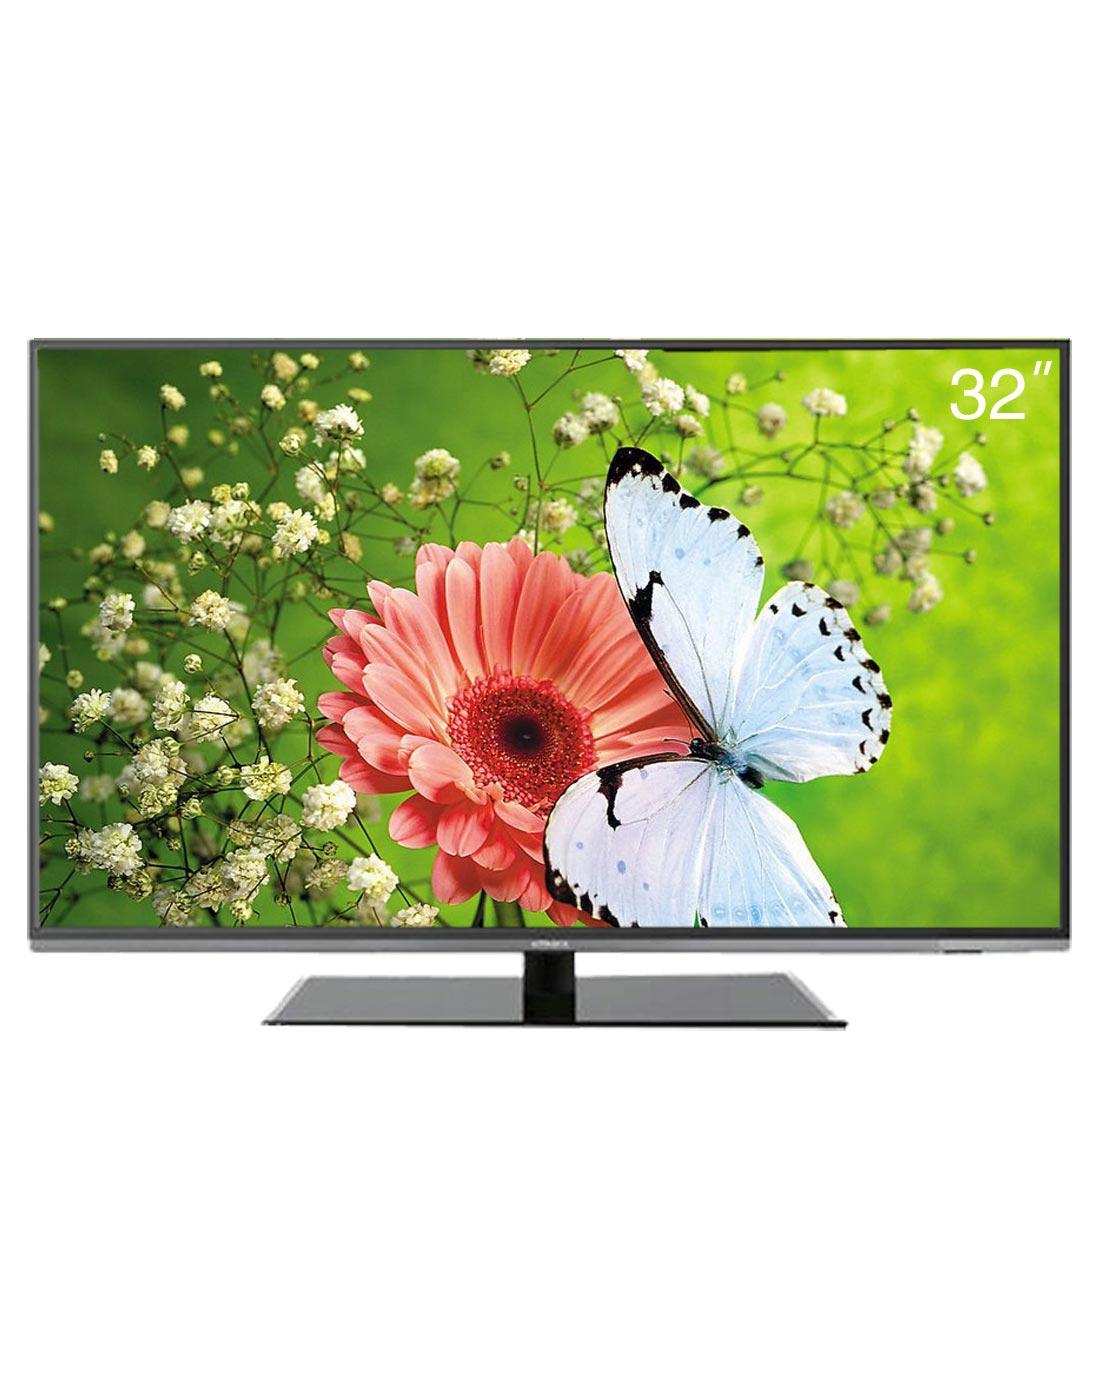 > 32寸超薄高清智能led液晶电视